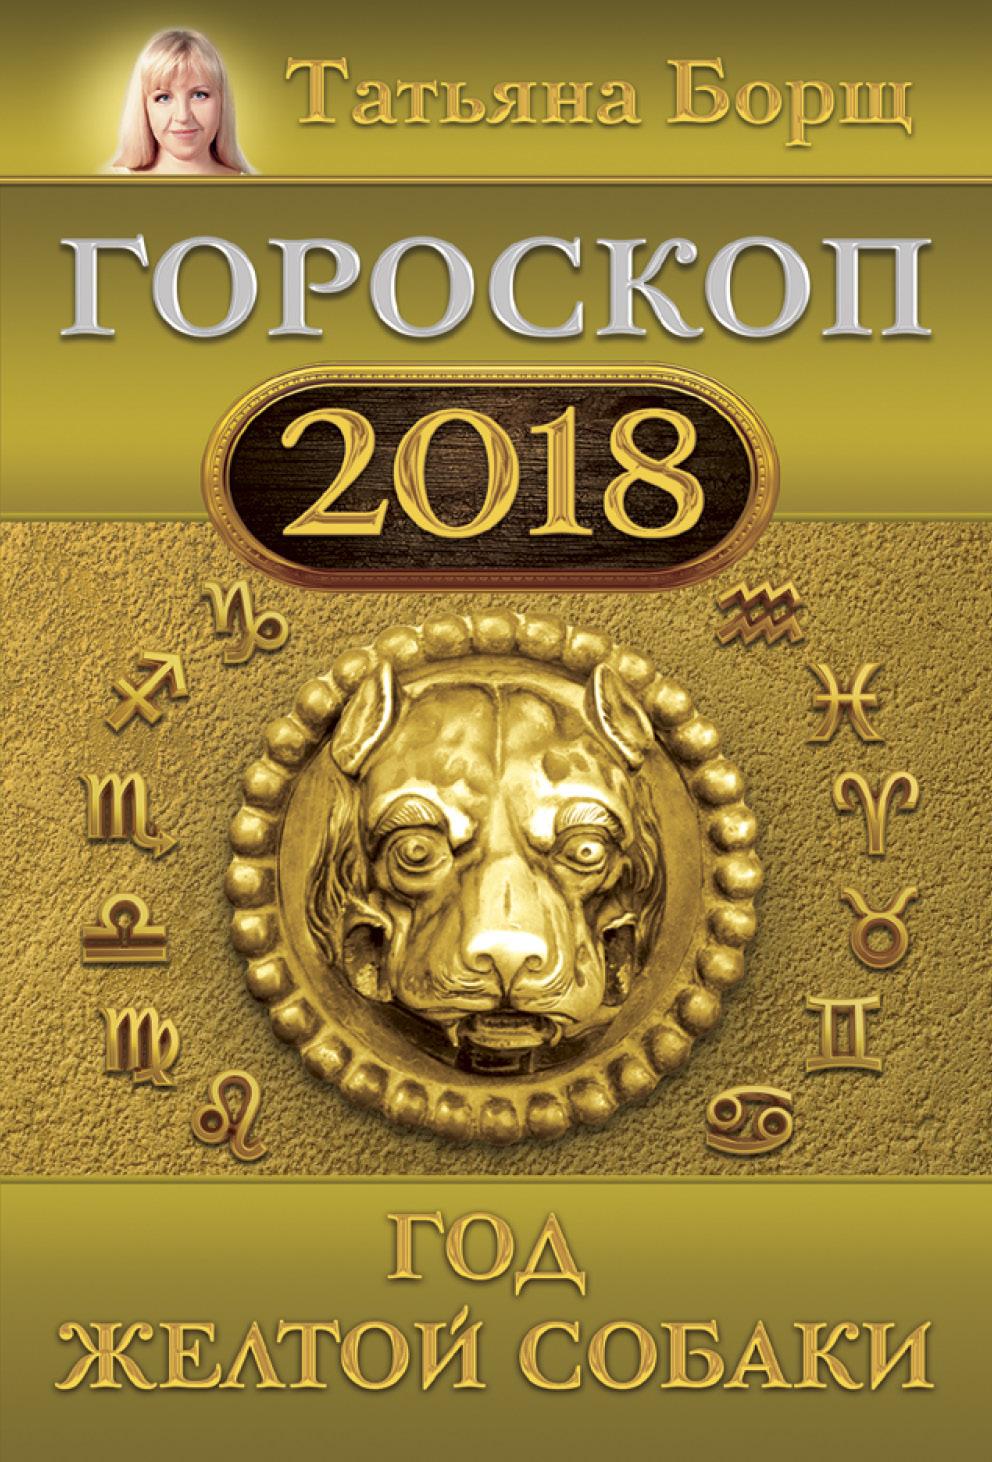 Гороскоп на 2018: год Желтой Собаки   Борщ Татьяна